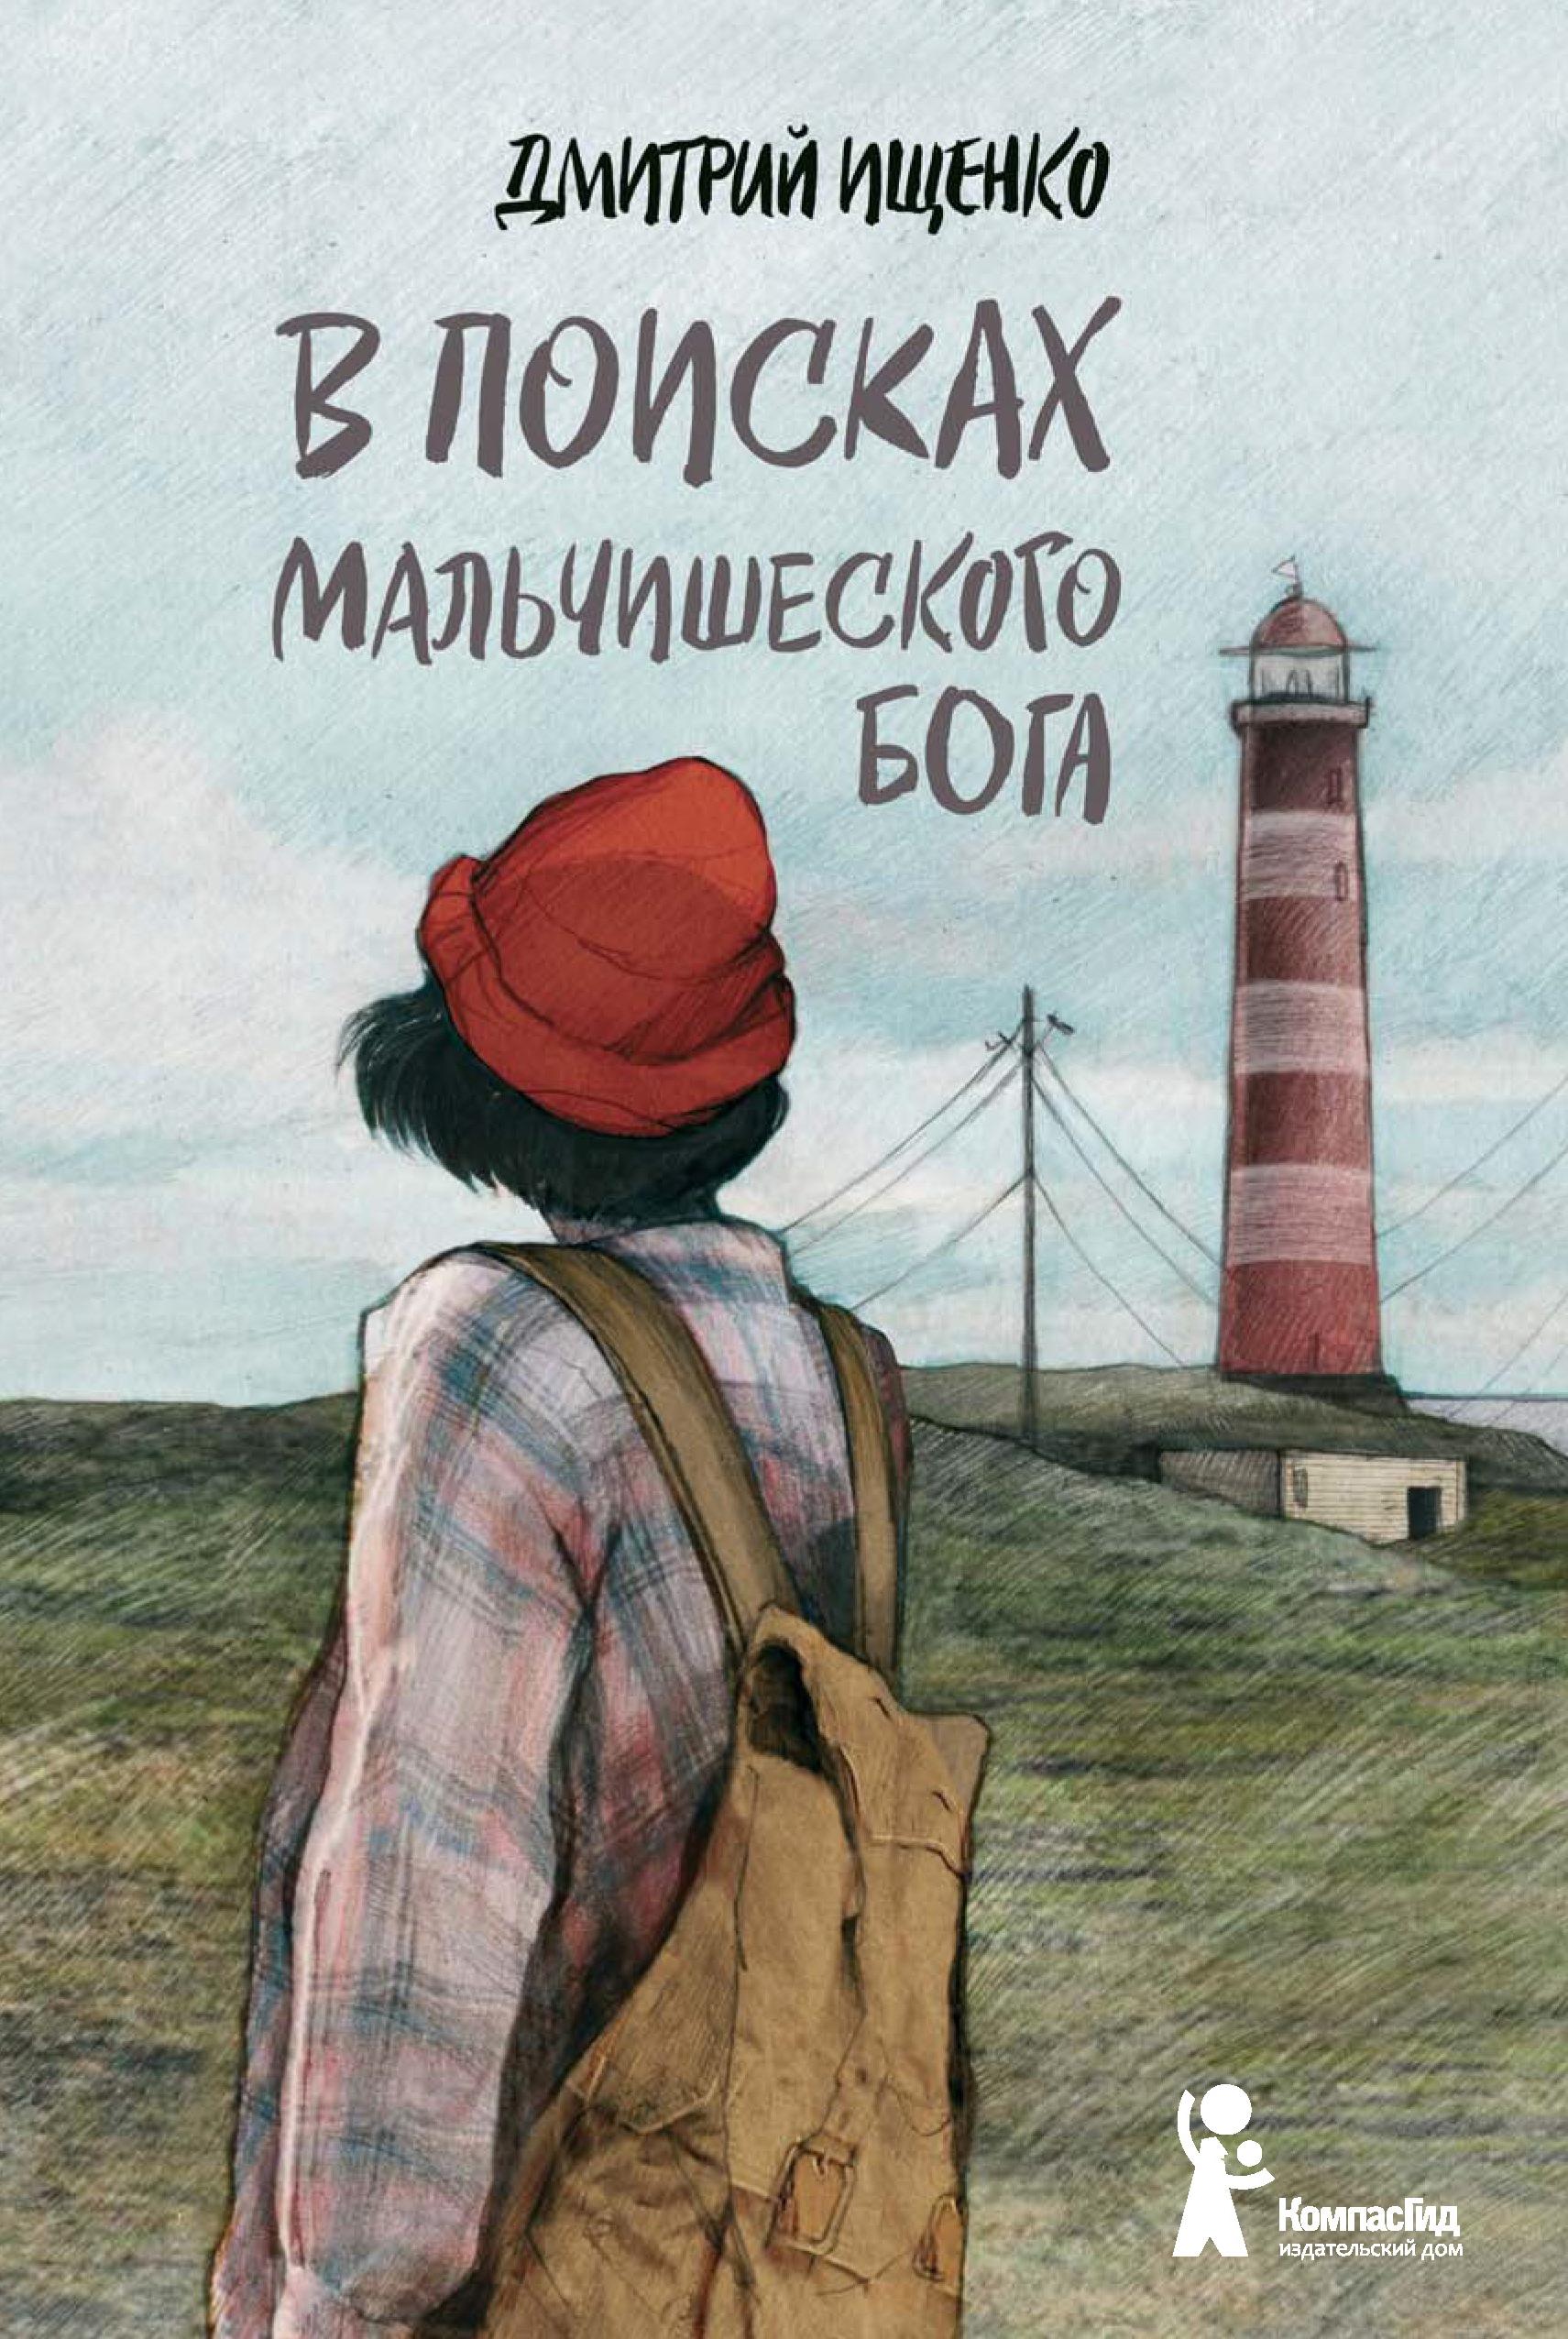 О книге «В поисках мальчишеского бога» Дмитрий Ищенко